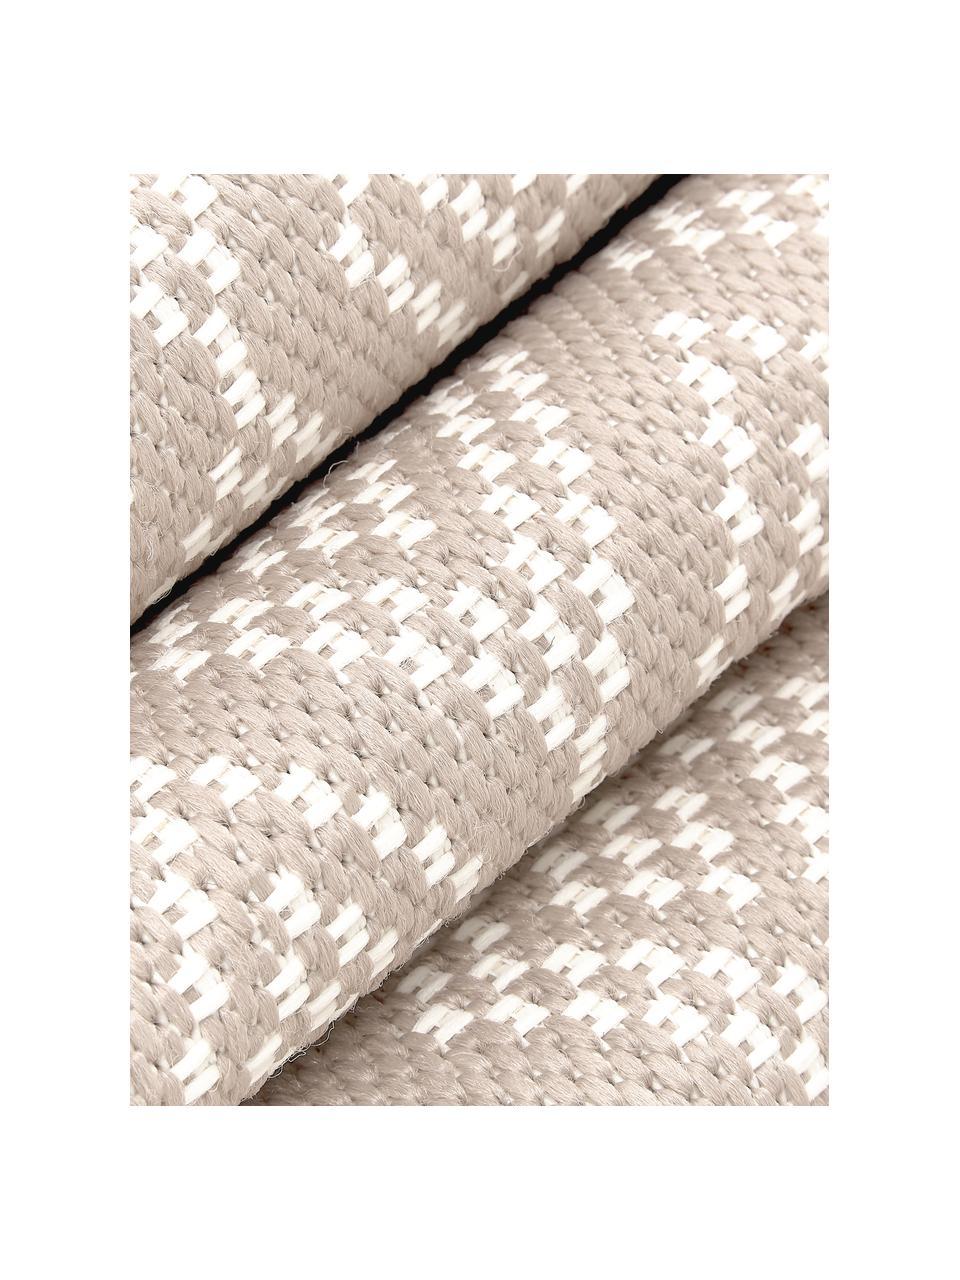 Dywan wewnętrzny/zewnętrzny Capri, 86% polipropylen, 14% poliester, Kremowobiały, beżowy, S 160 x D 230 cm (Rozmiar M)